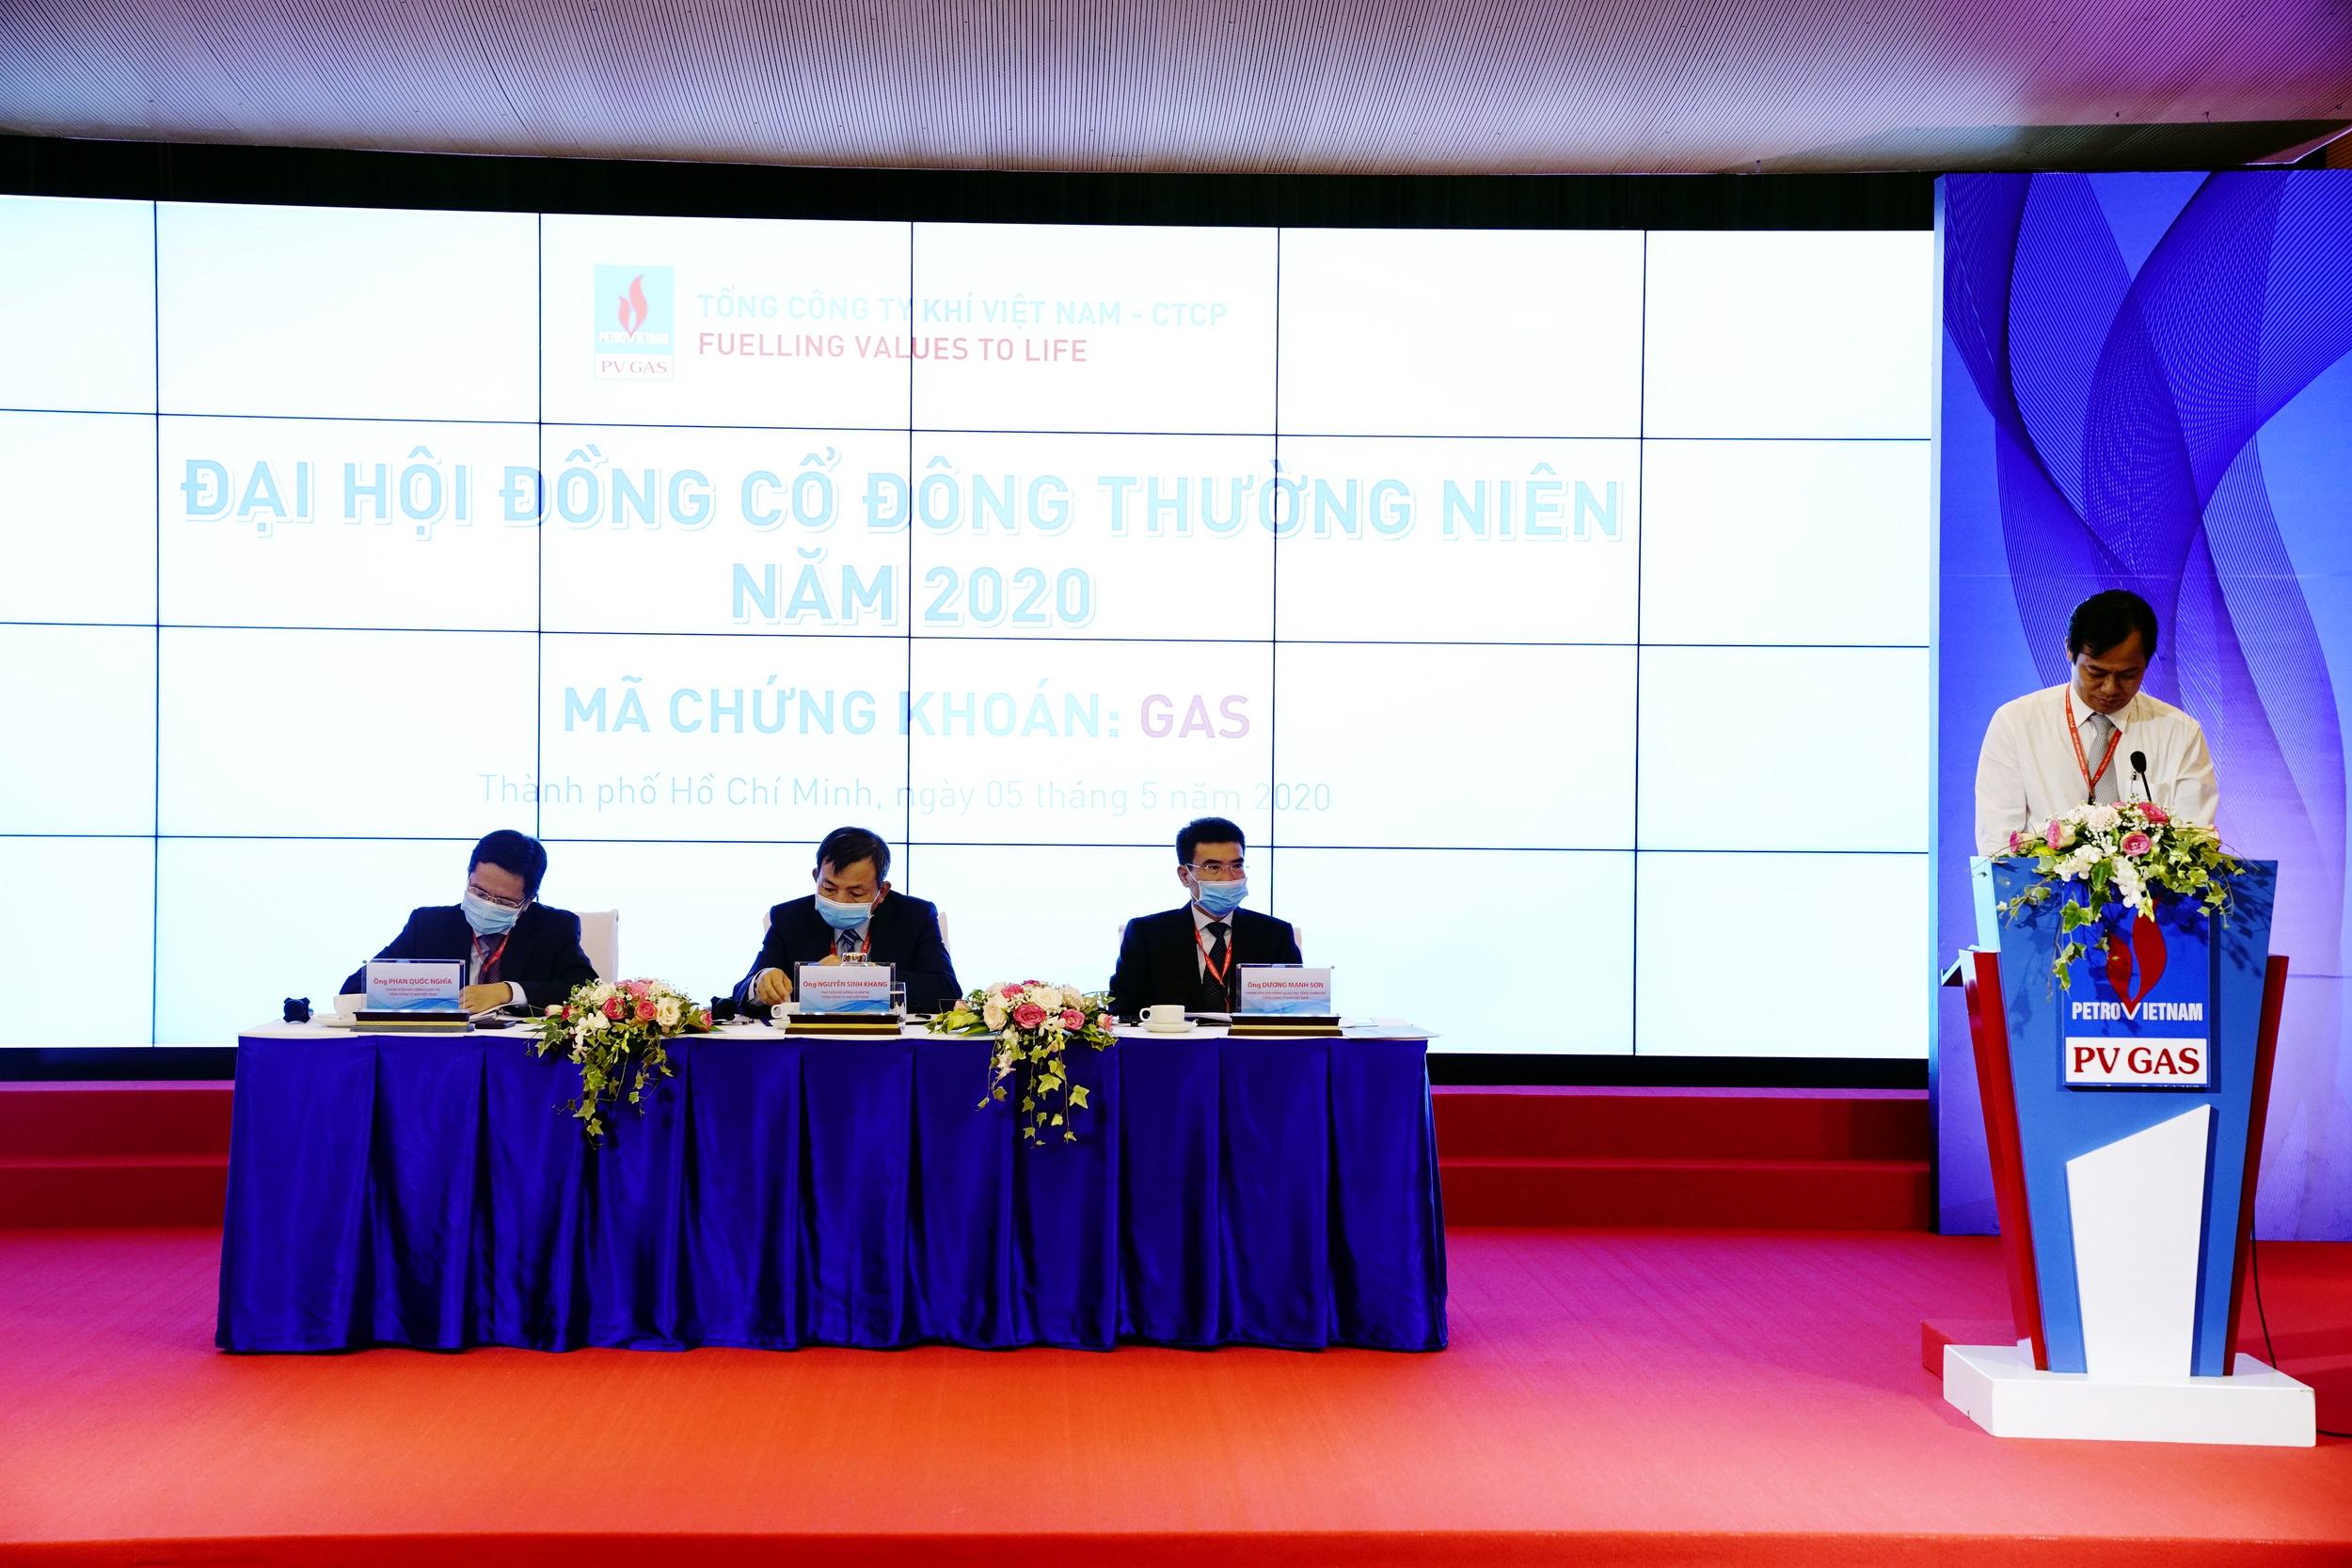 Cuộc họp ĐHĐCĐ PV GAS 2020 được tổ chức thành công, đúng luật định